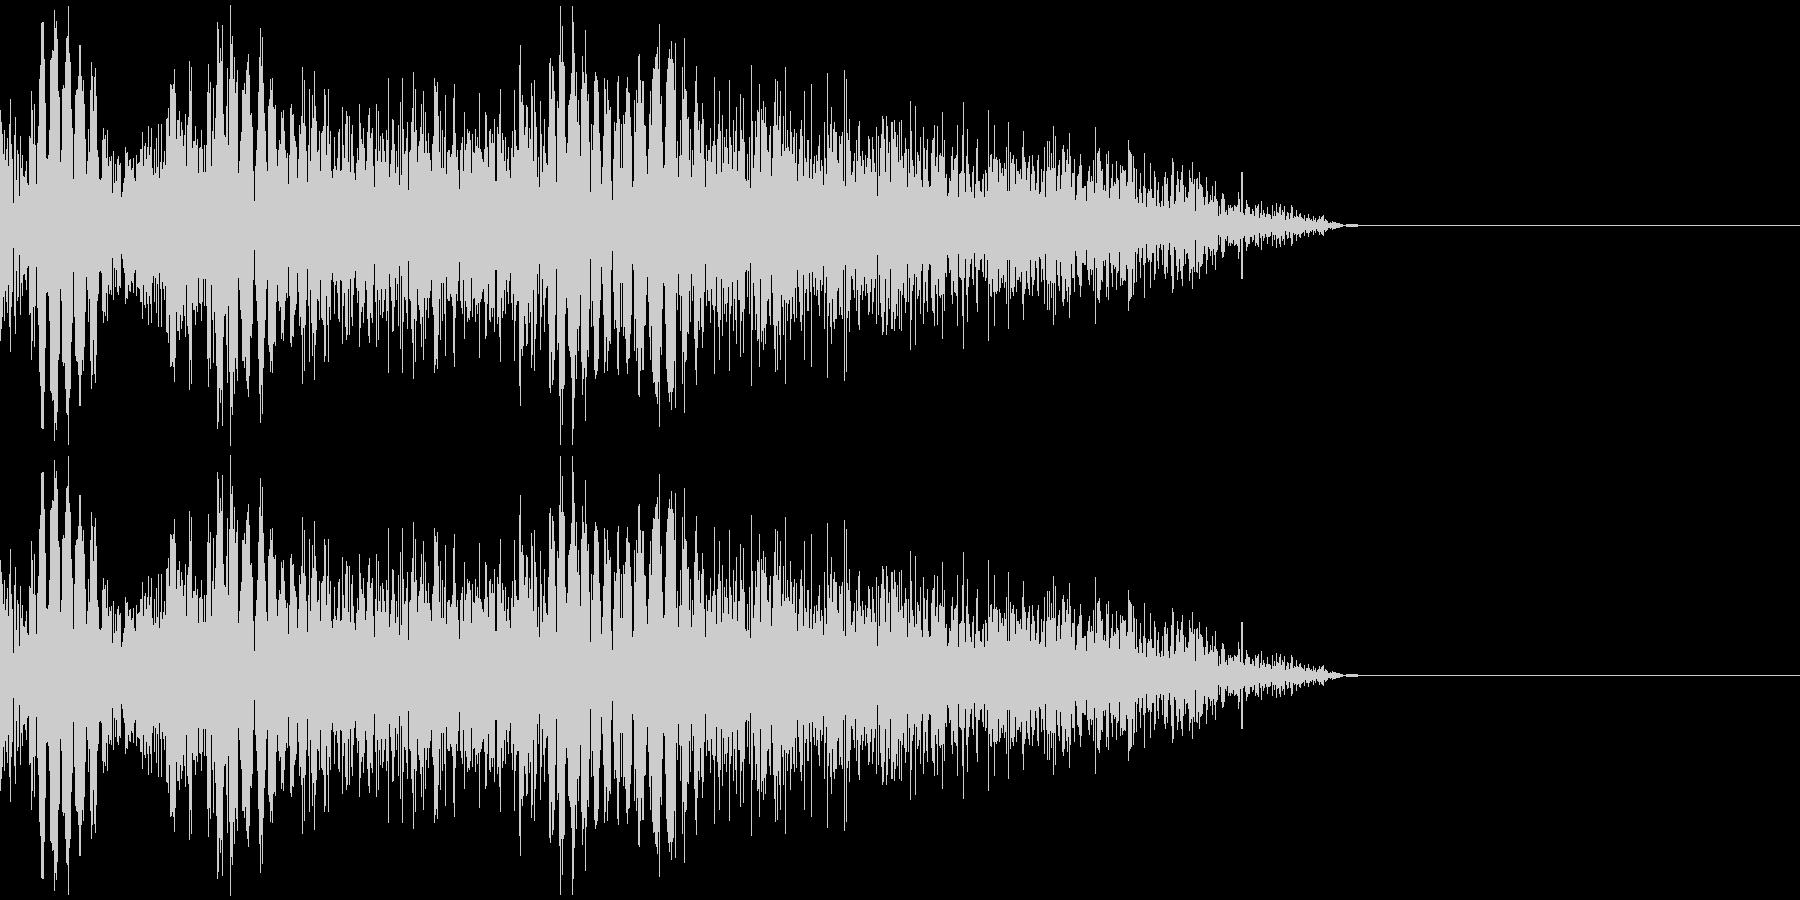 パンチ音(3連発)の未再生の波形